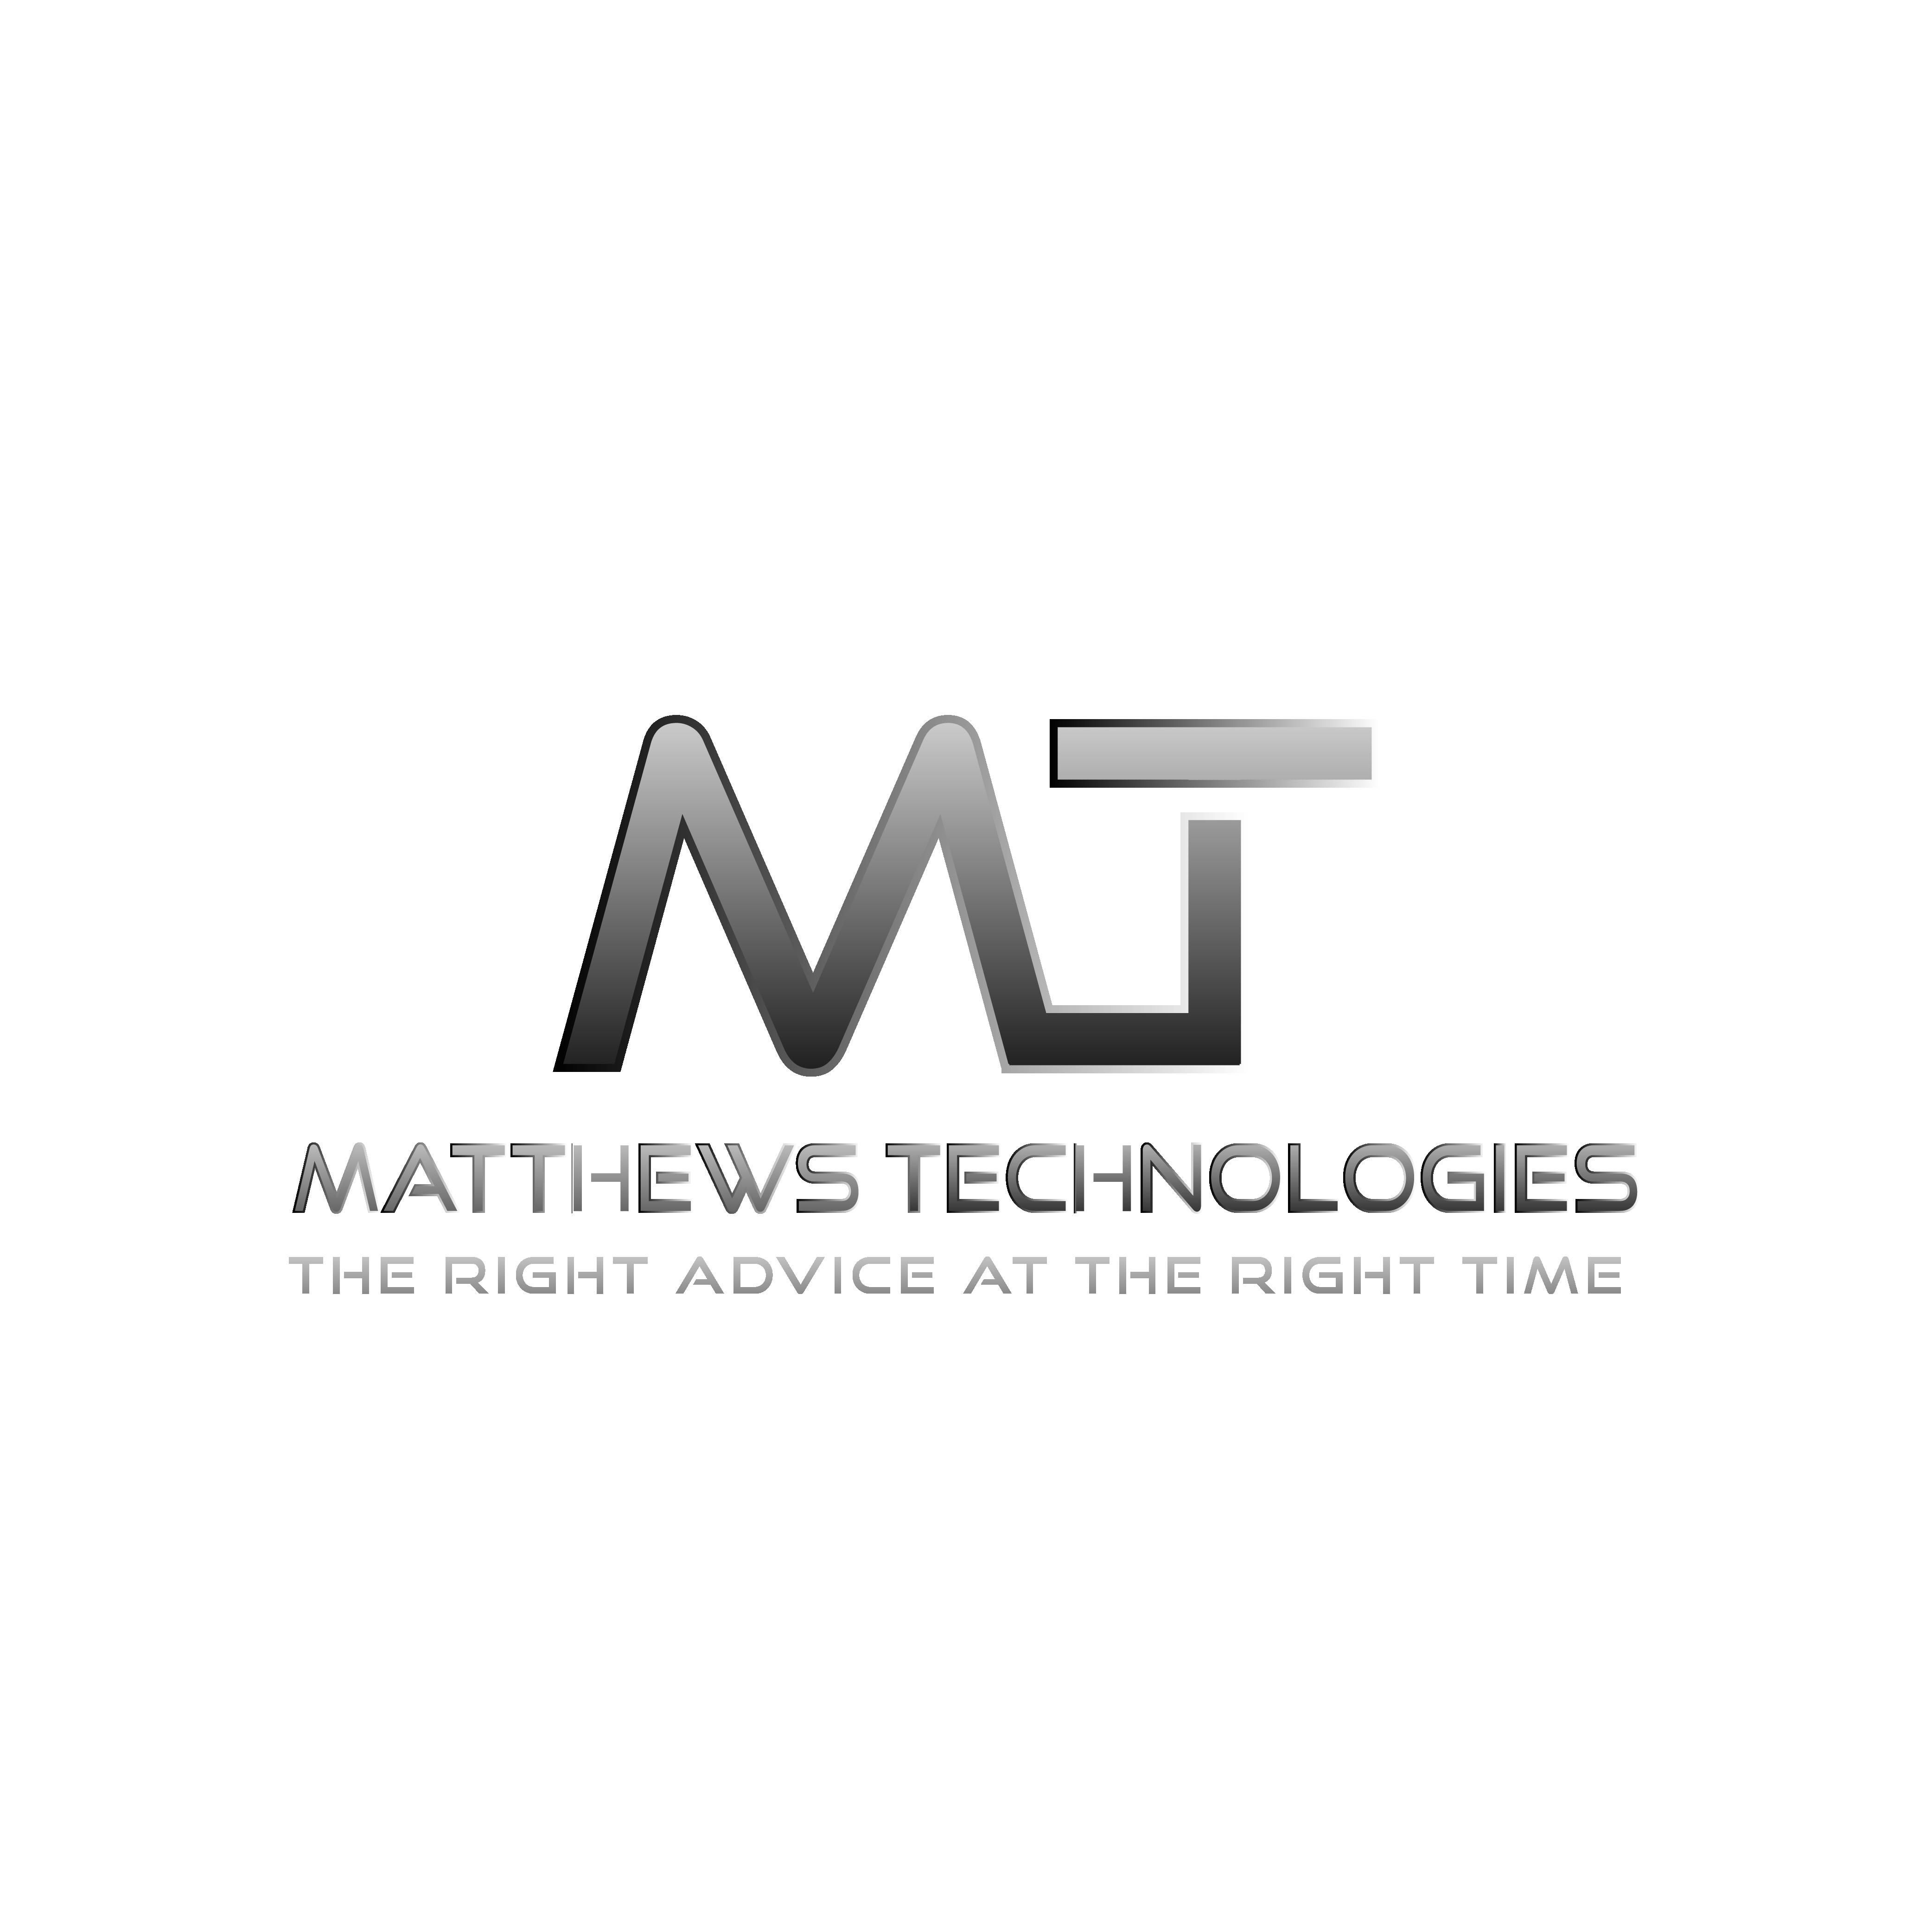 Matthews Tech logo